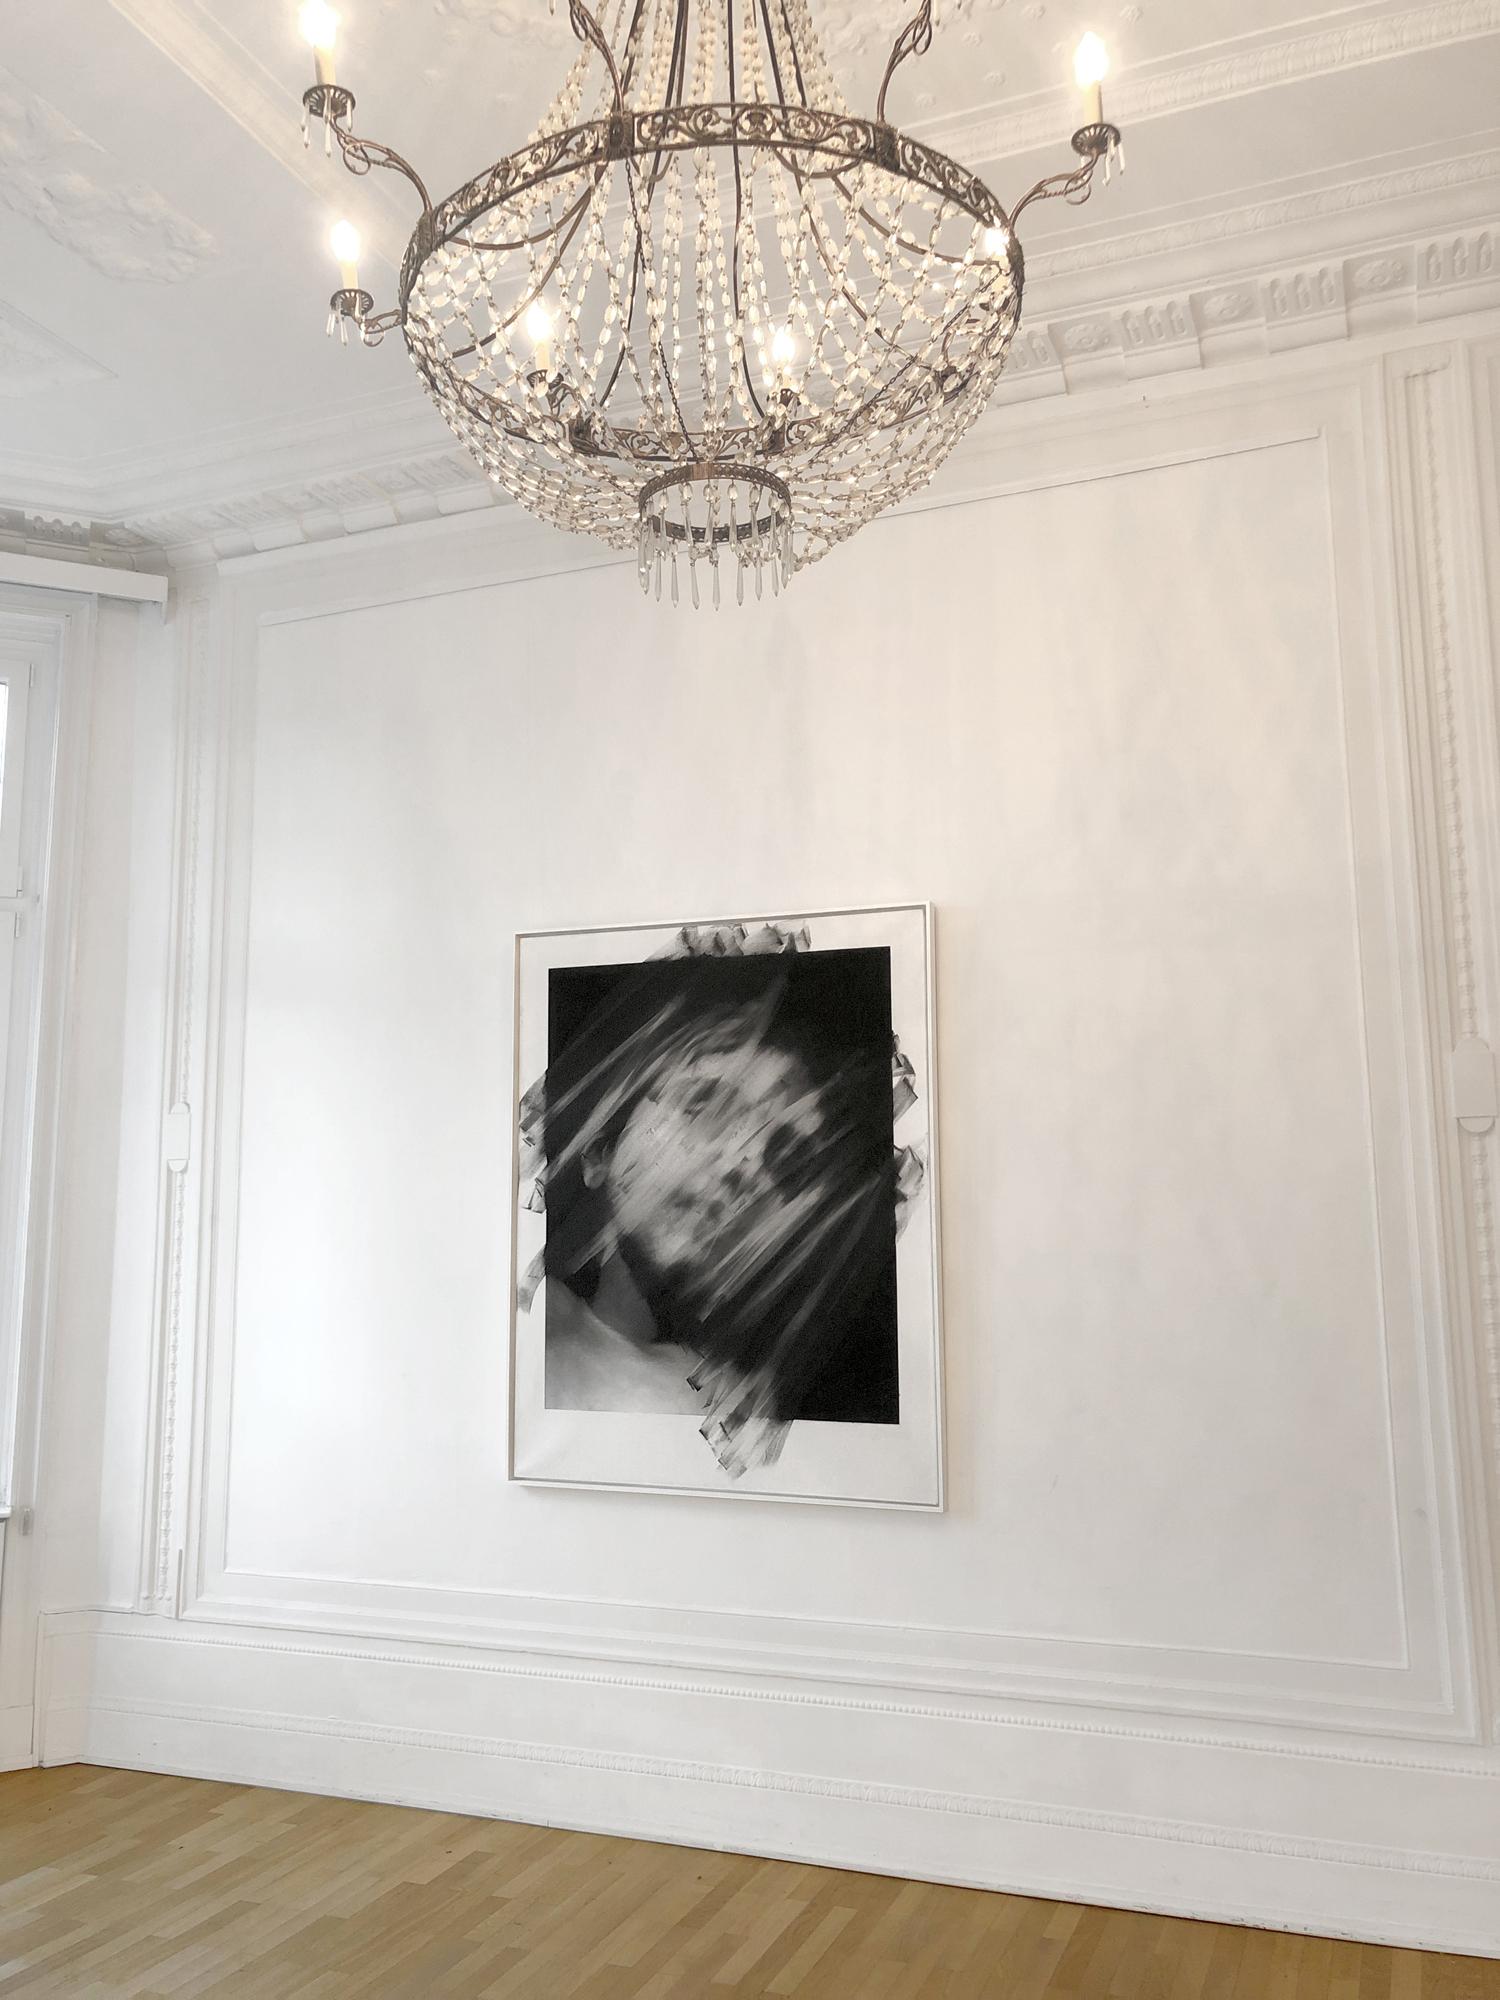 © Valentin van der Meulen, Antique, exhibition view Carte Blanche, Institut Français, Hamburg, 2019